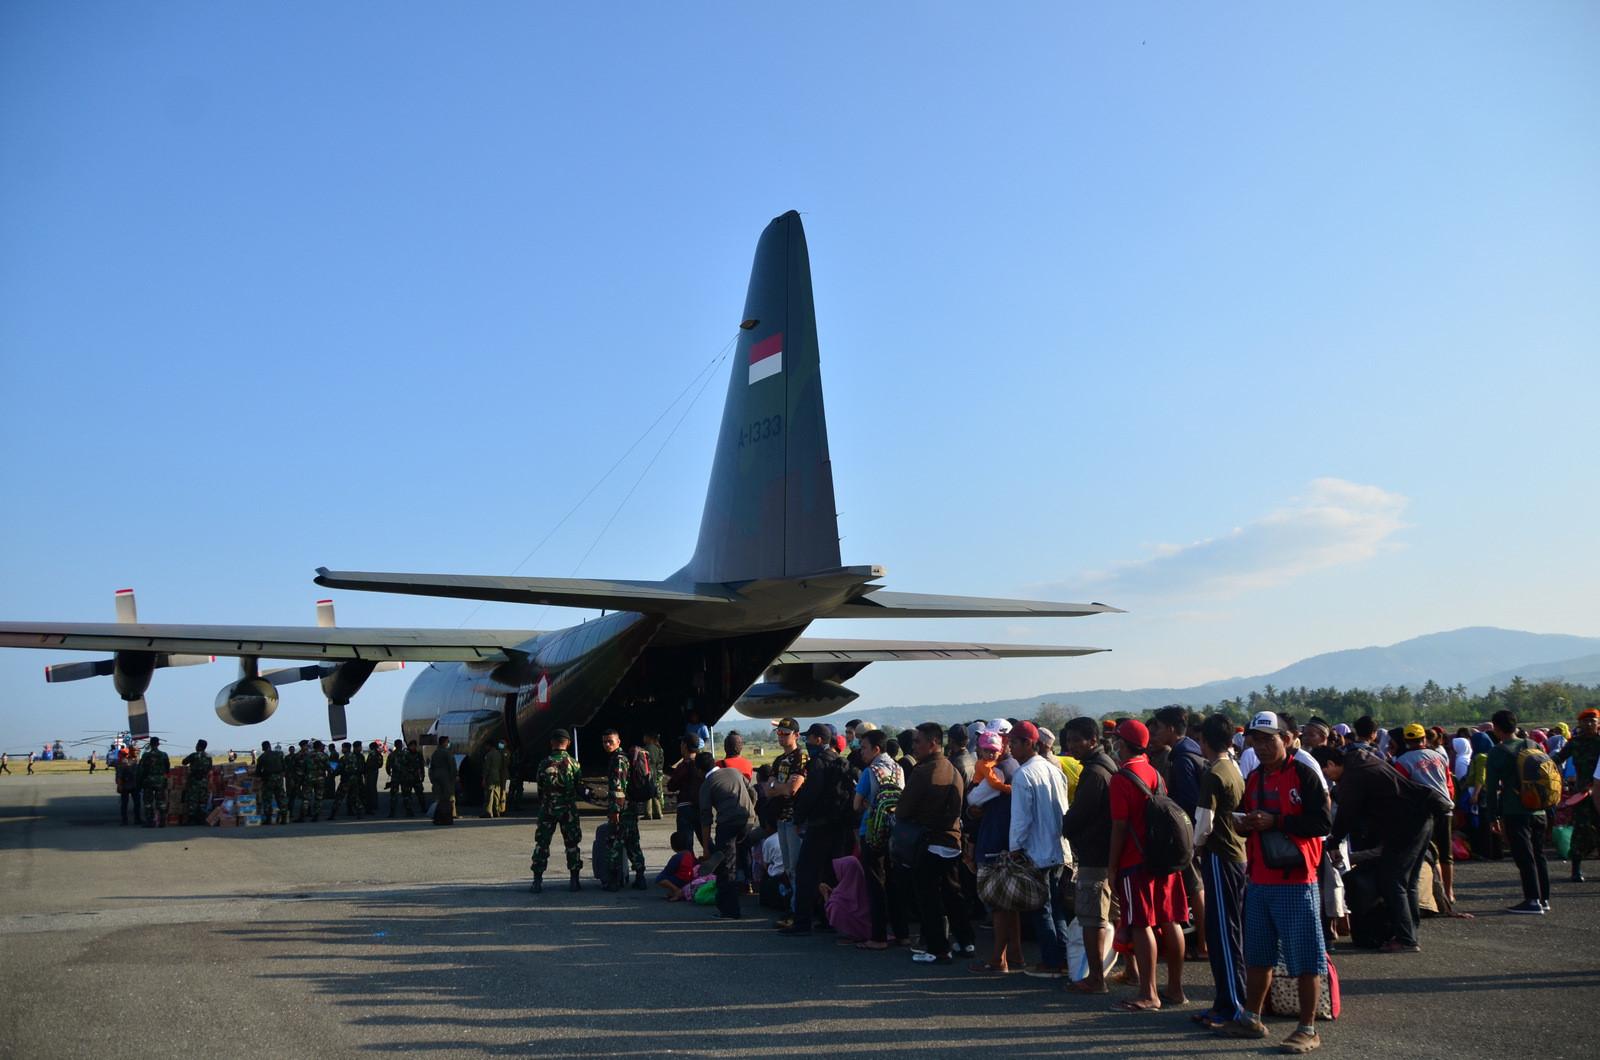 Thảm họa kép Indonesia: Ghi nhận của PV từ đầu cầu cứu trợ hàng không Palu Ảnh 3